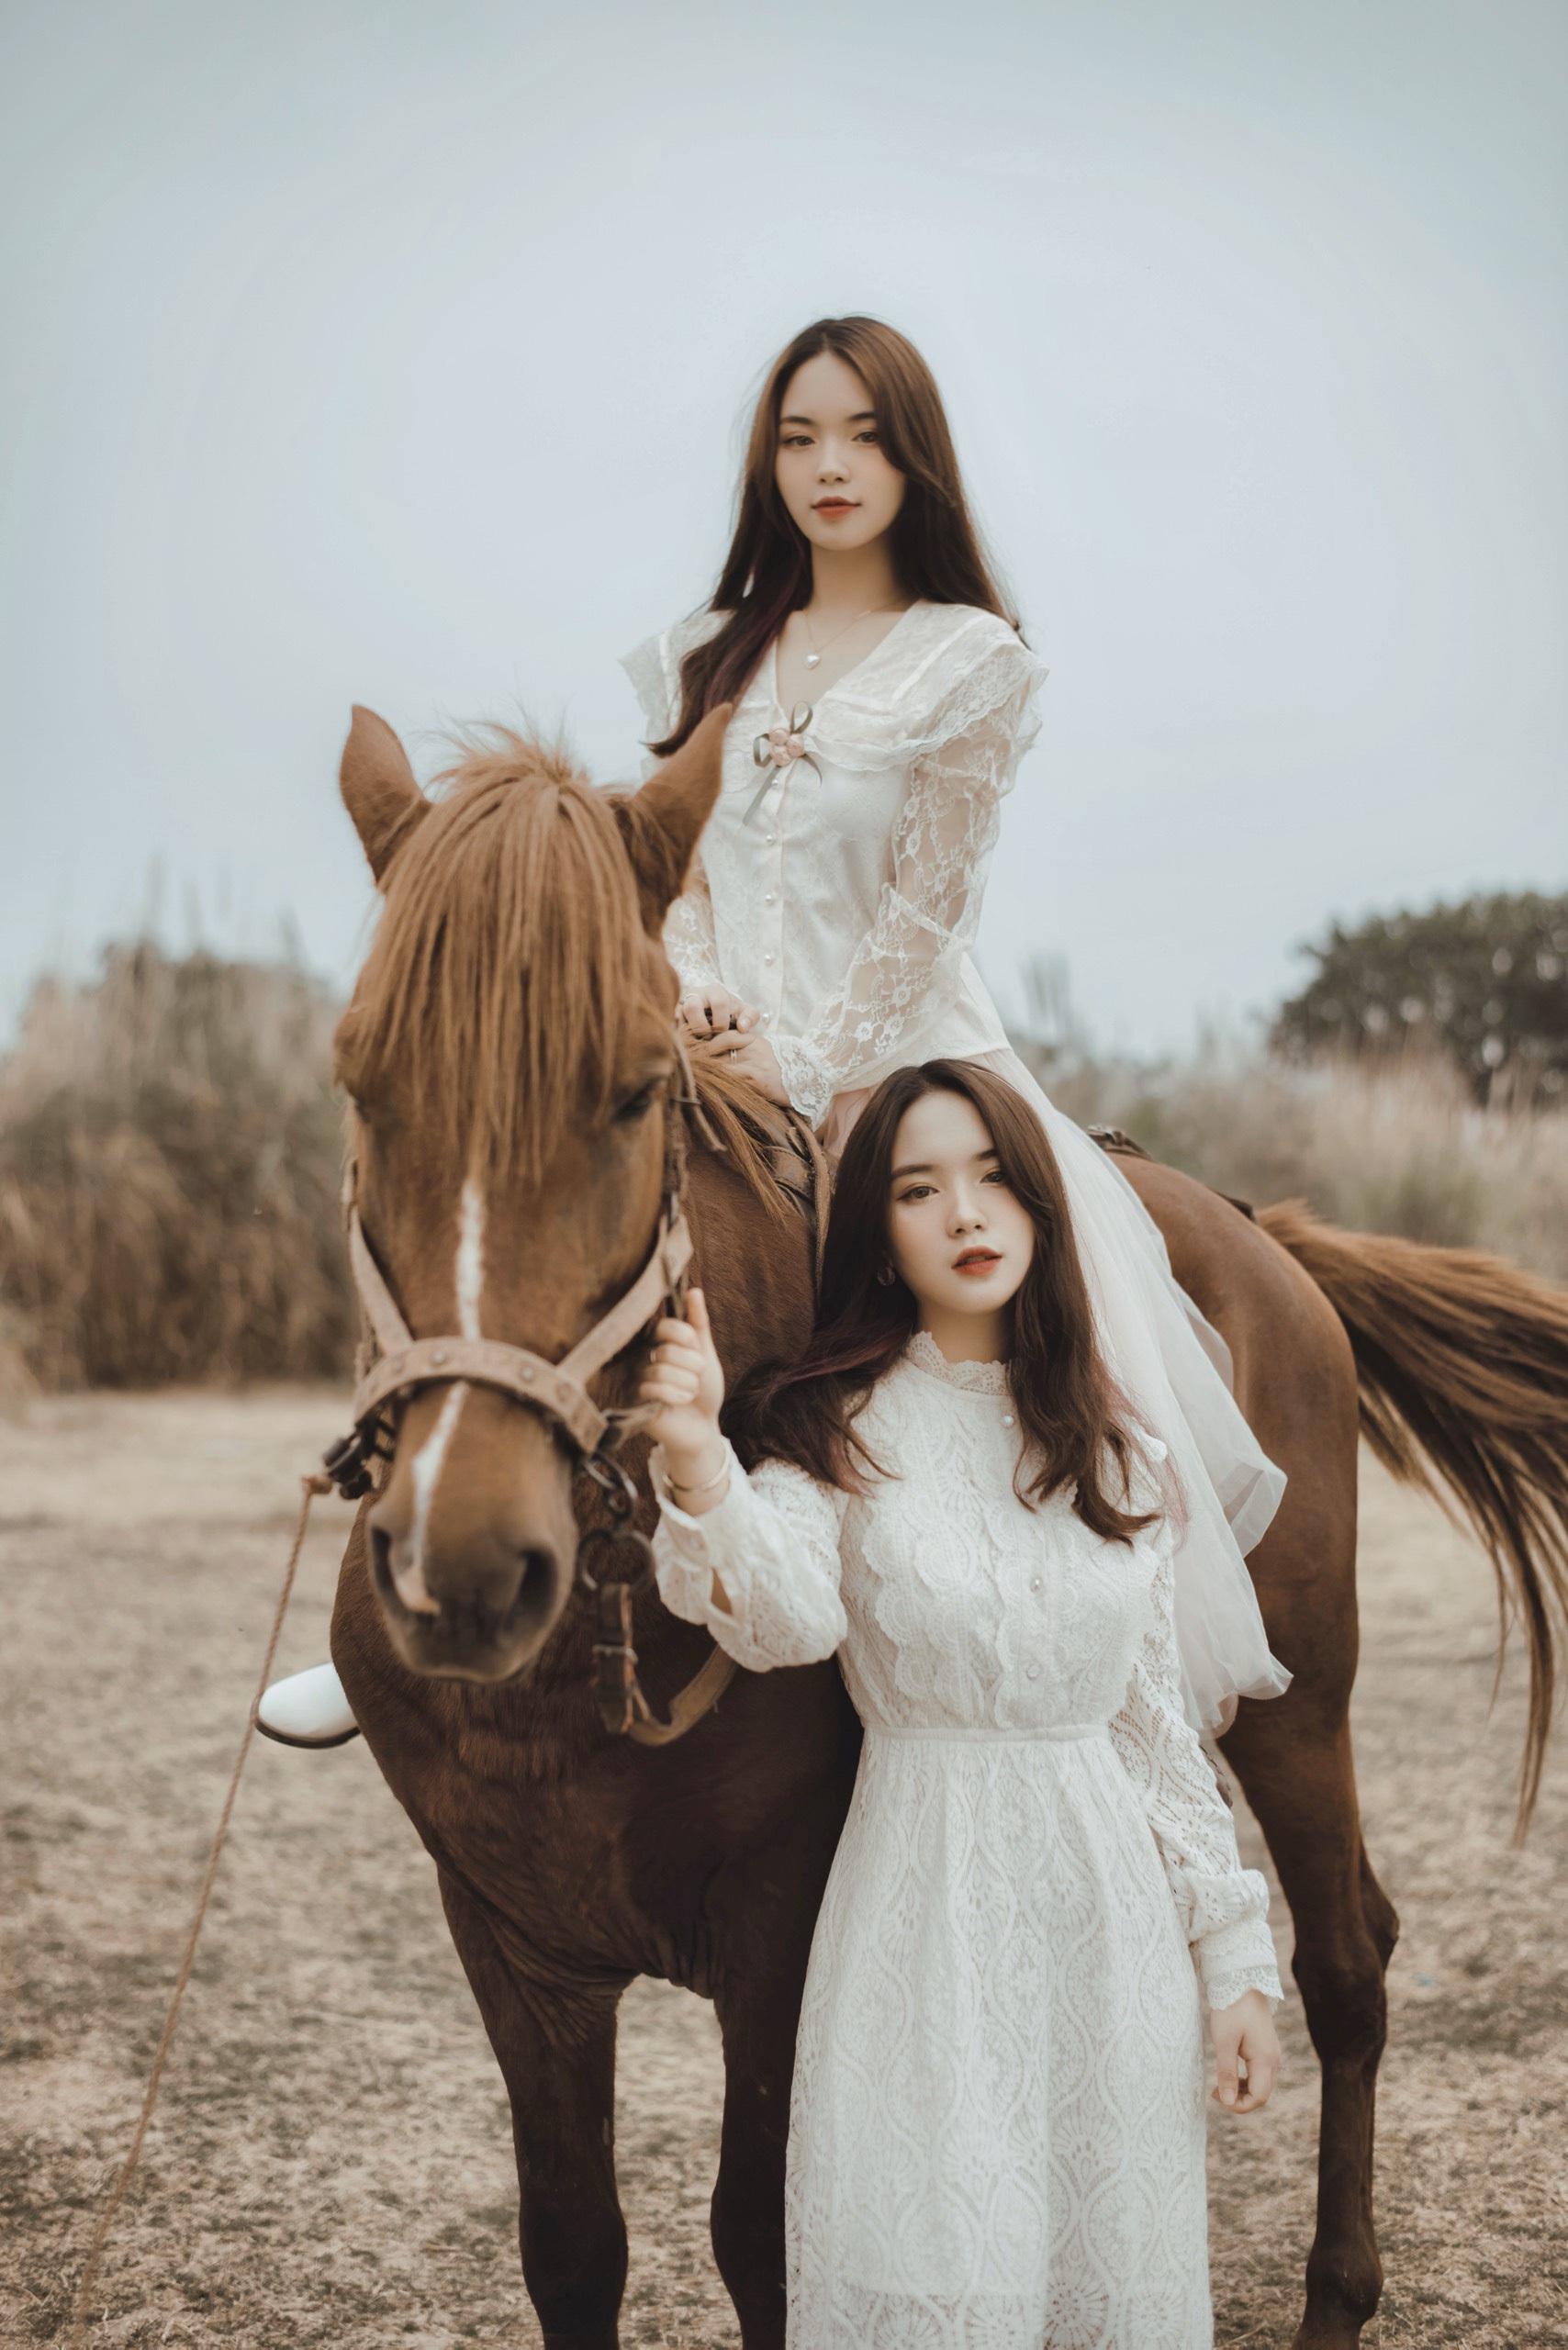 Cặp chị em song sinh Hằng - Nga nổi tiếng ở Đại học Thương mại - 13